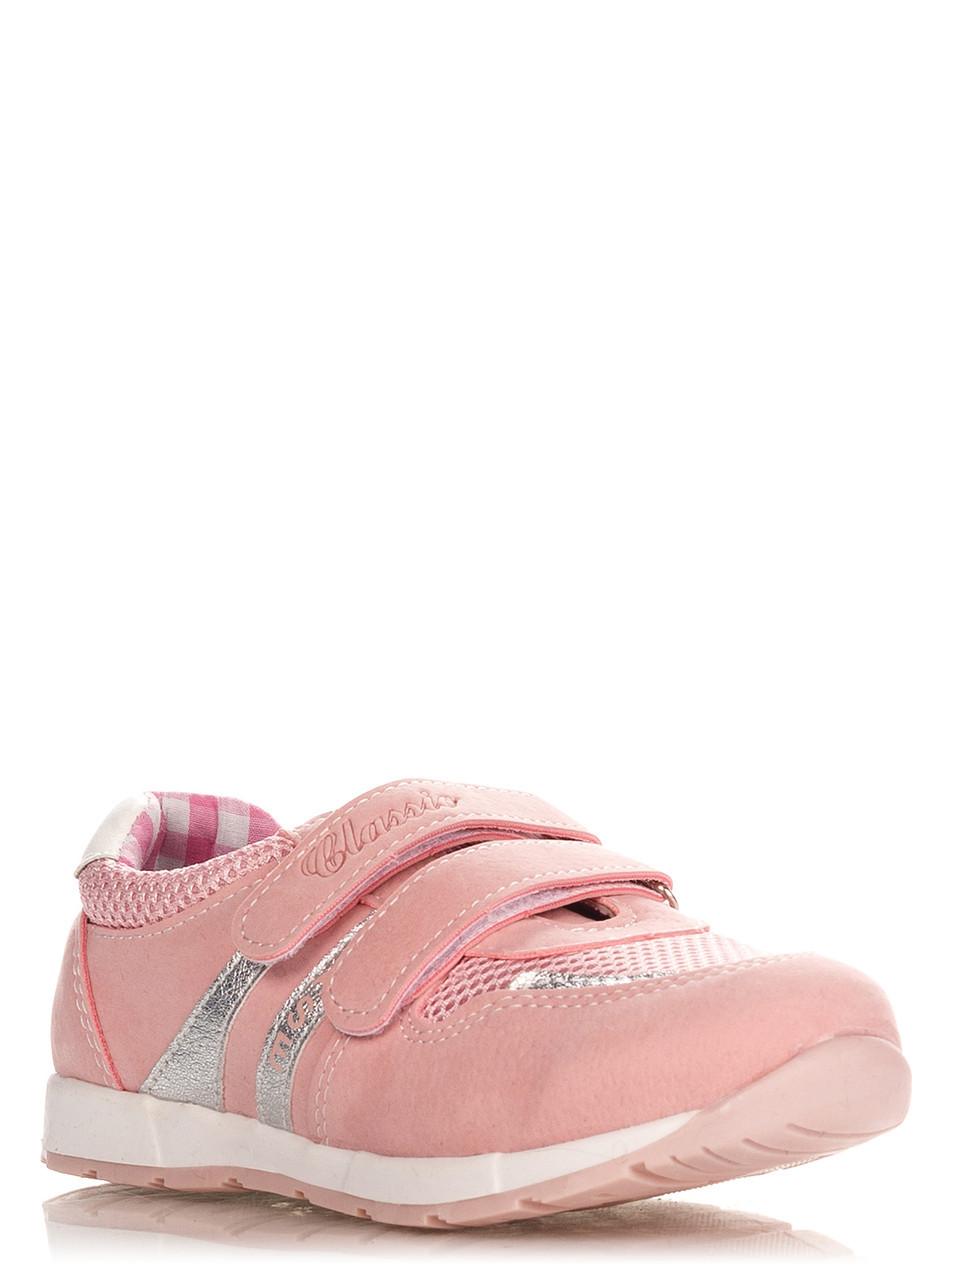 Кроссовки Jong Golf 28(р) Розовый BL2753-8